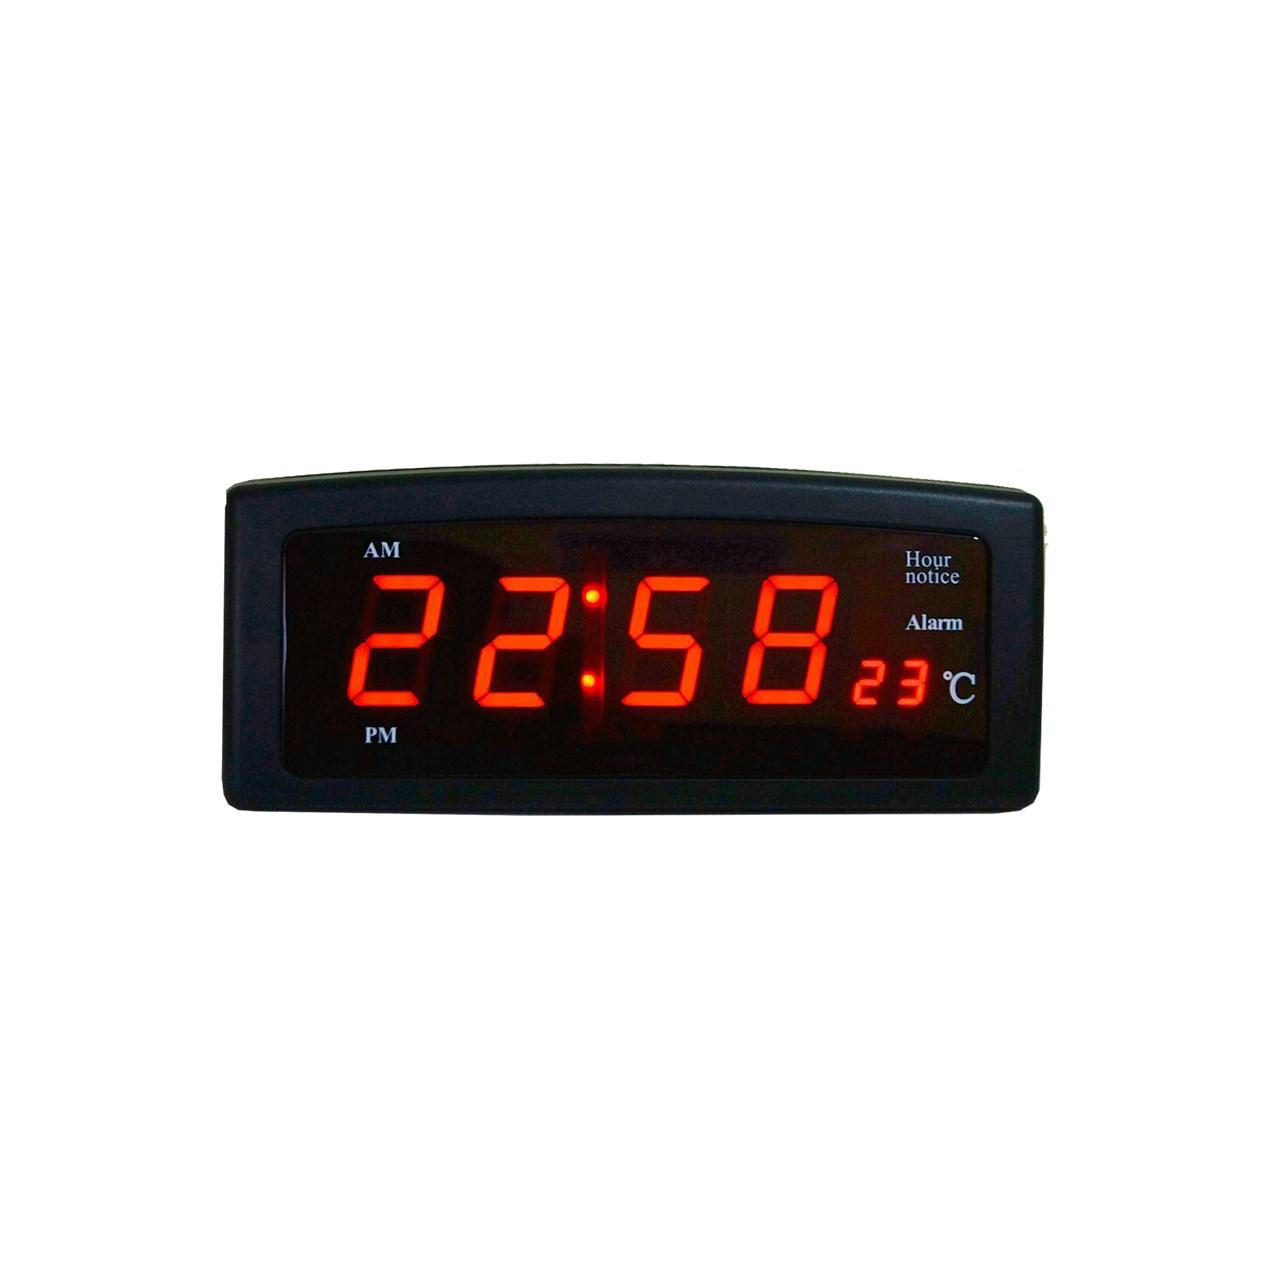 ساعت رومیزی دیجیتال کایزینگ مدل 818